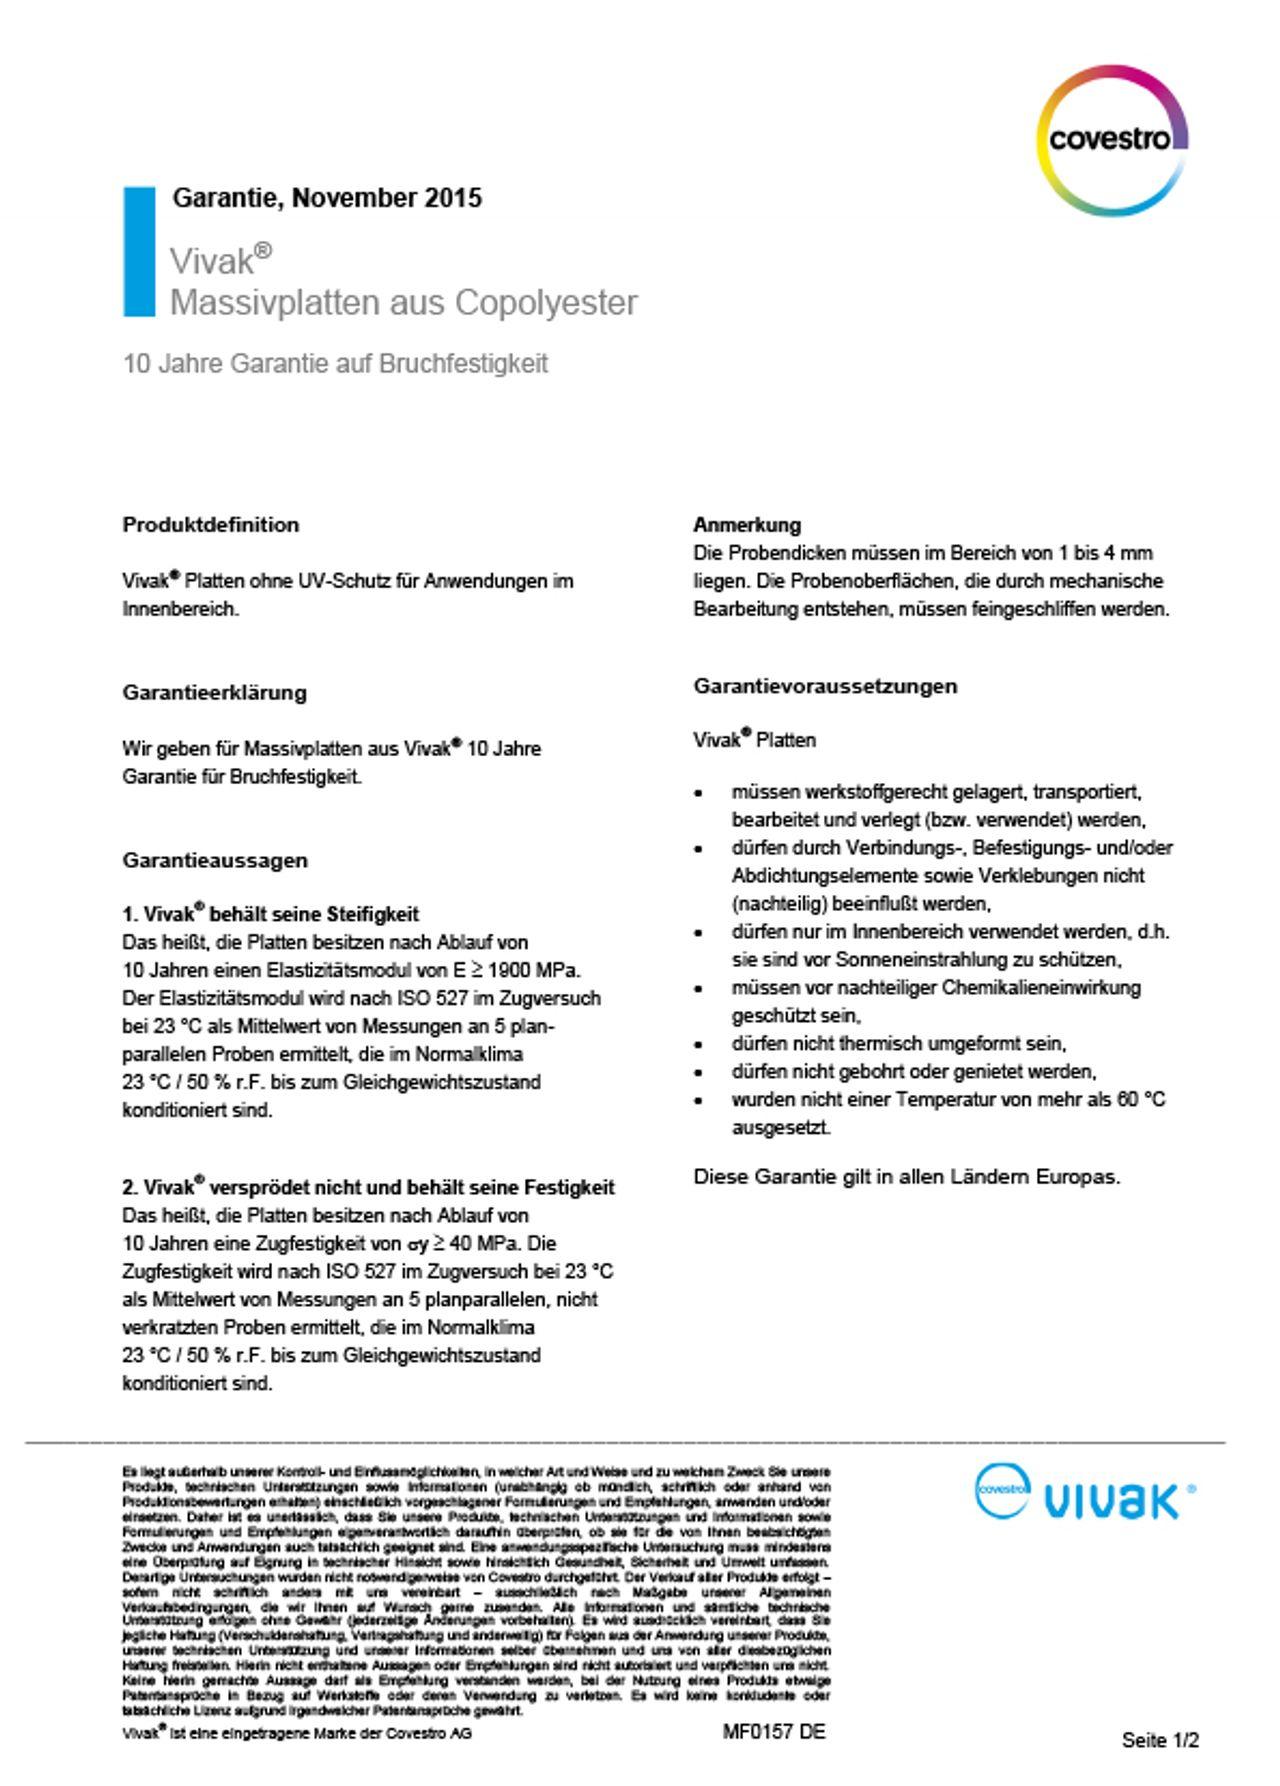 VIVAK® thermoplastische Copolyesterplatten Garantieerklärung